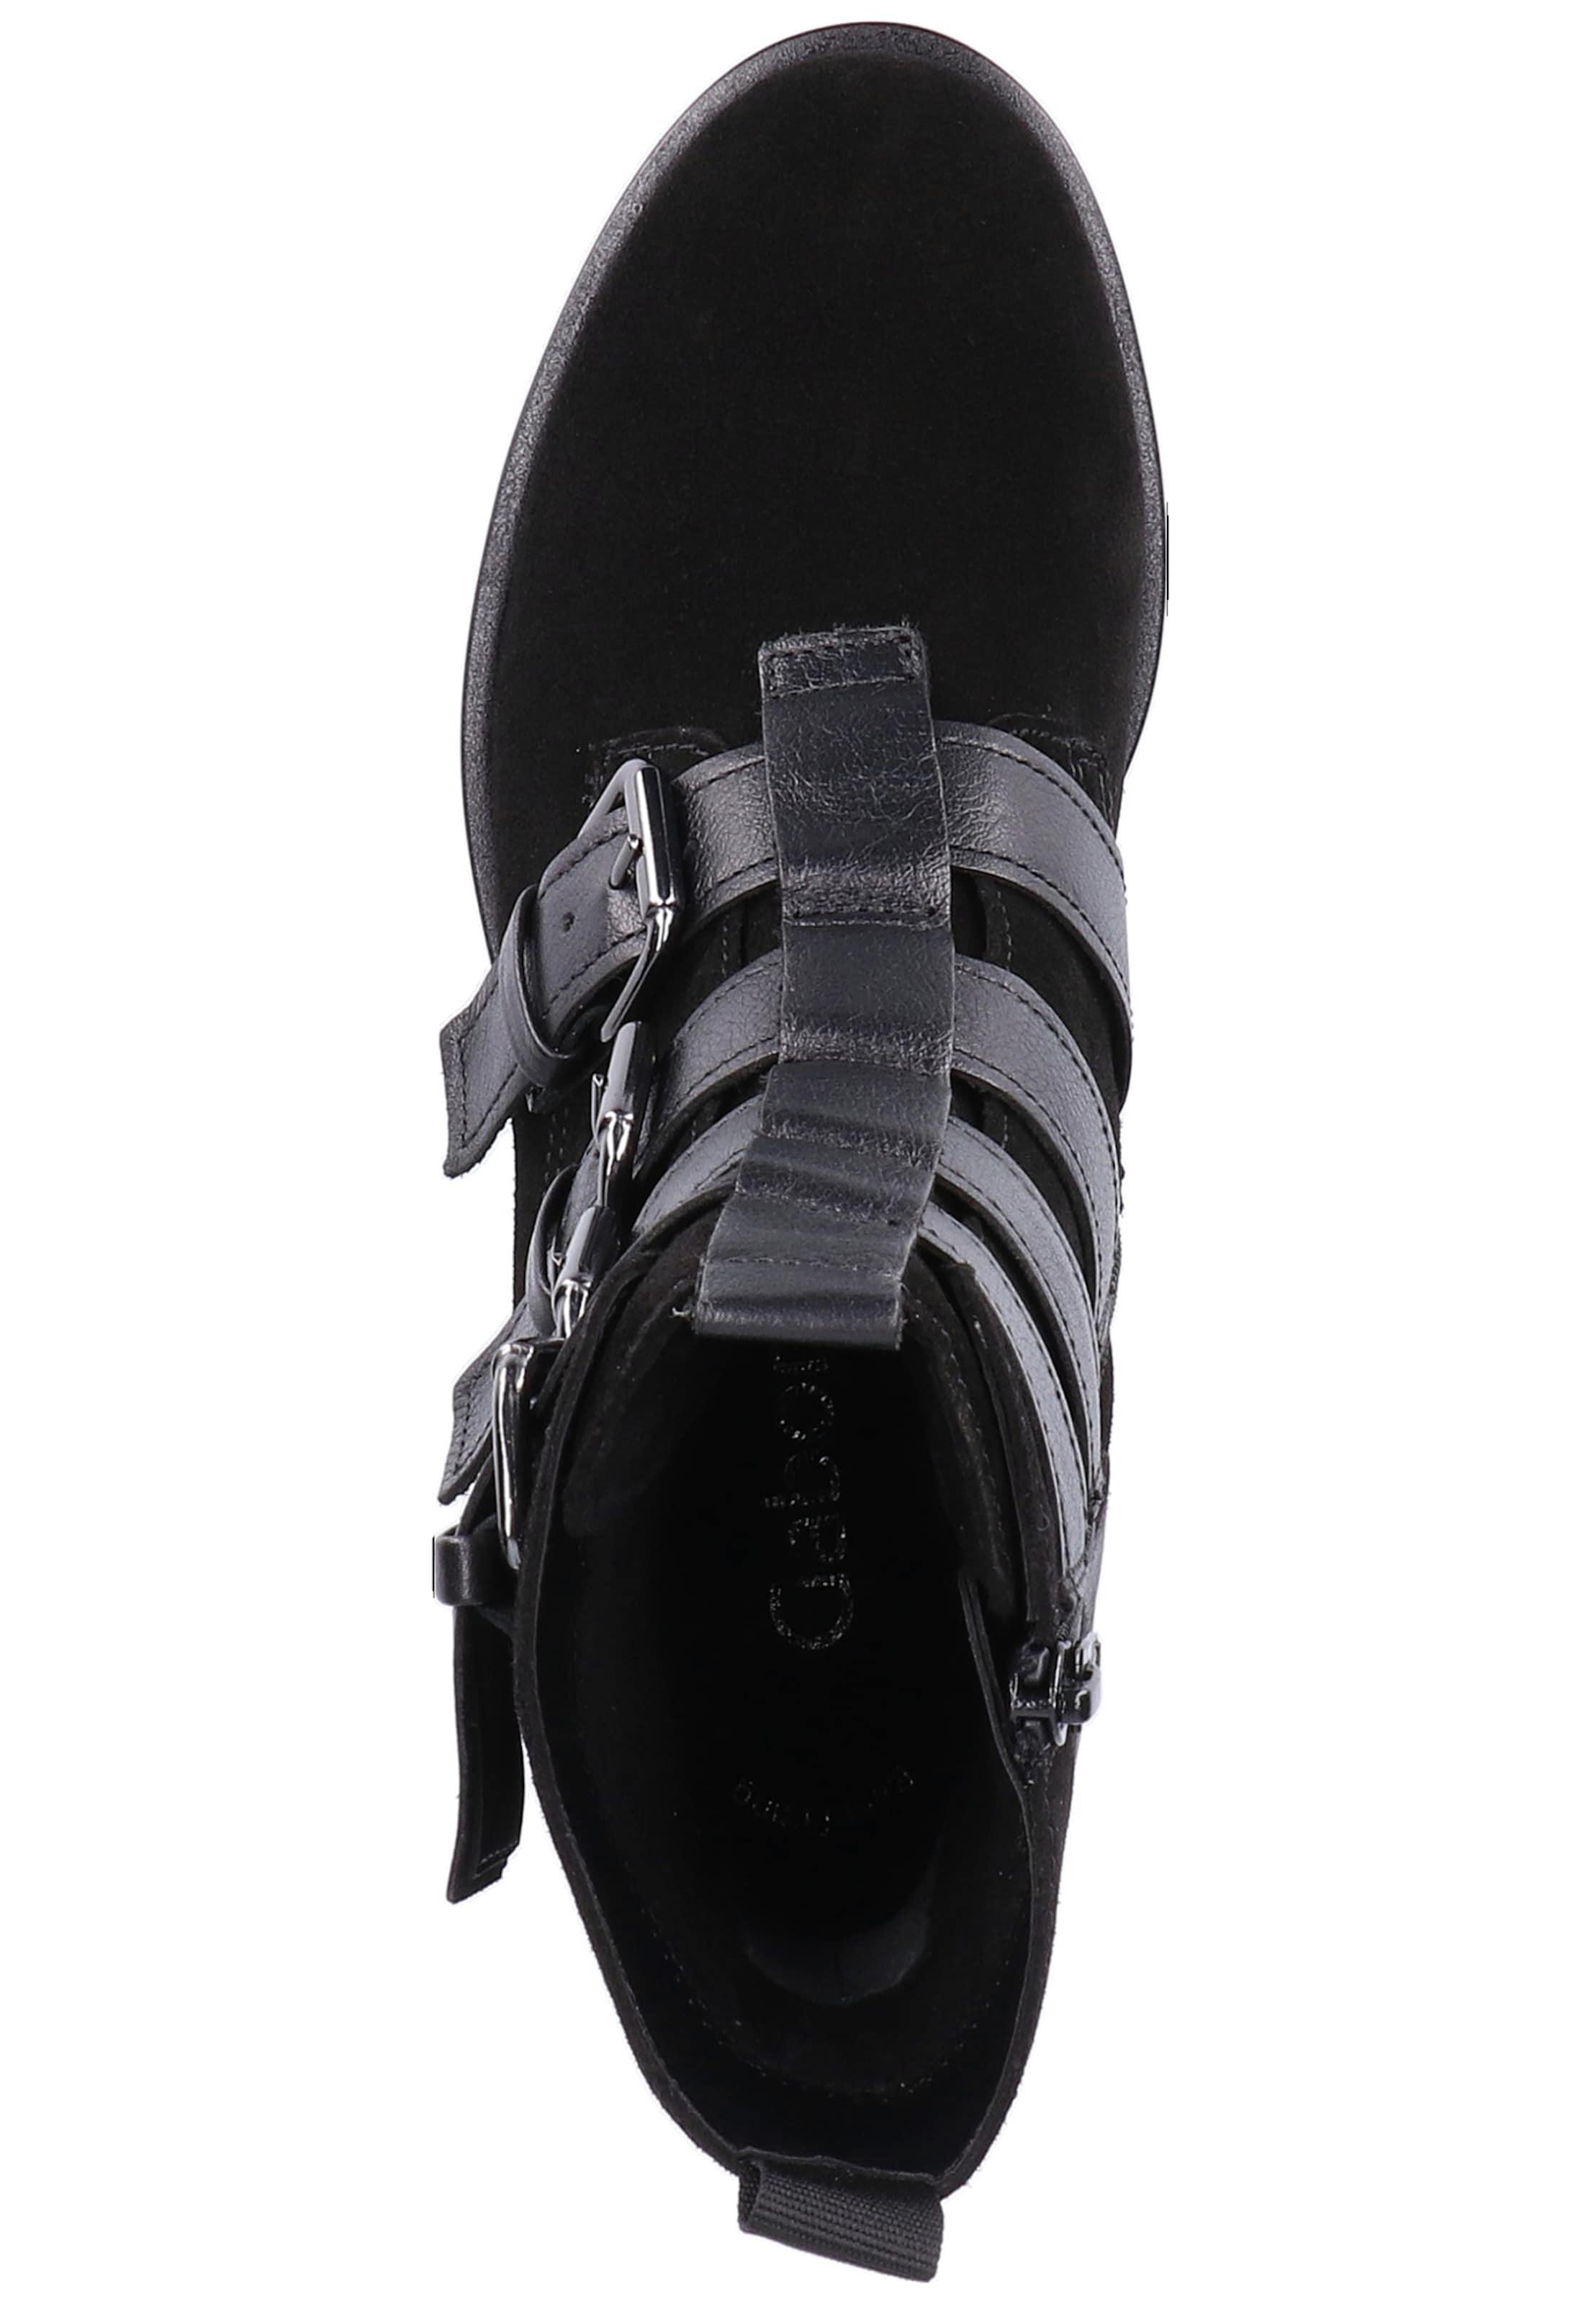 Boots Gabor Boots Boots Noir Gabor Noir Gabor En En 8n0XOwPk